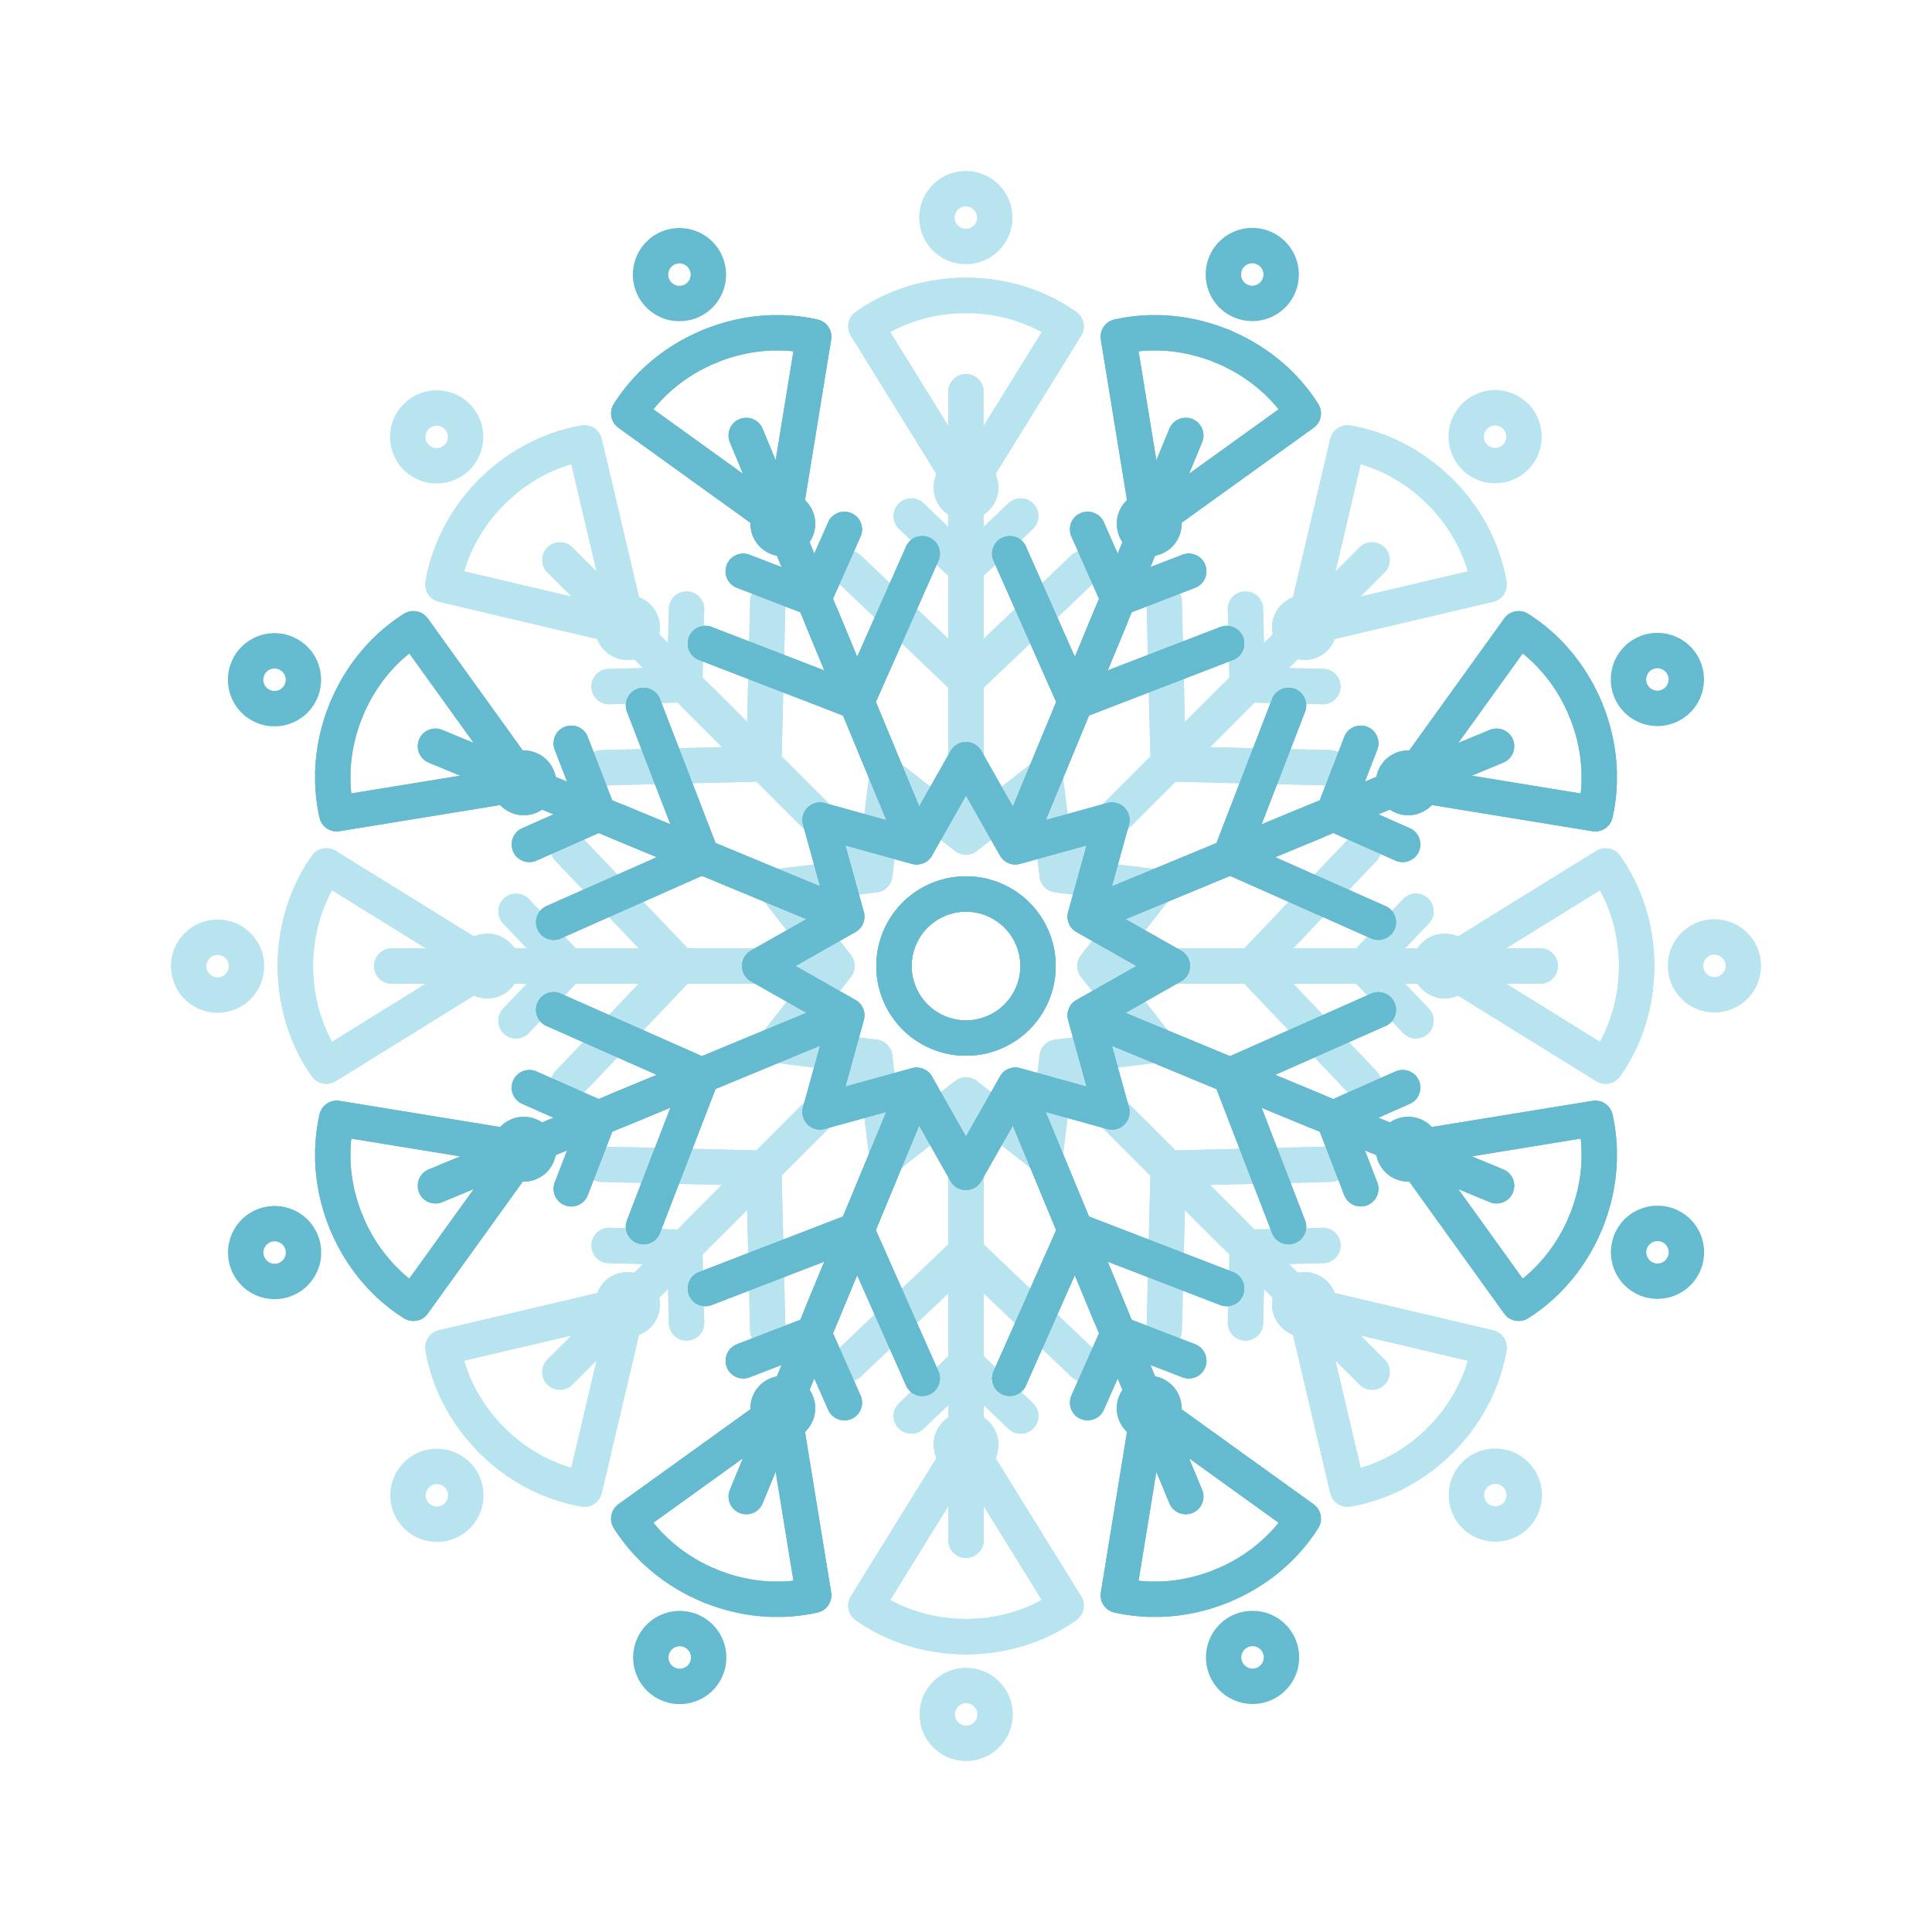 Snowflakeblog-01.jpg